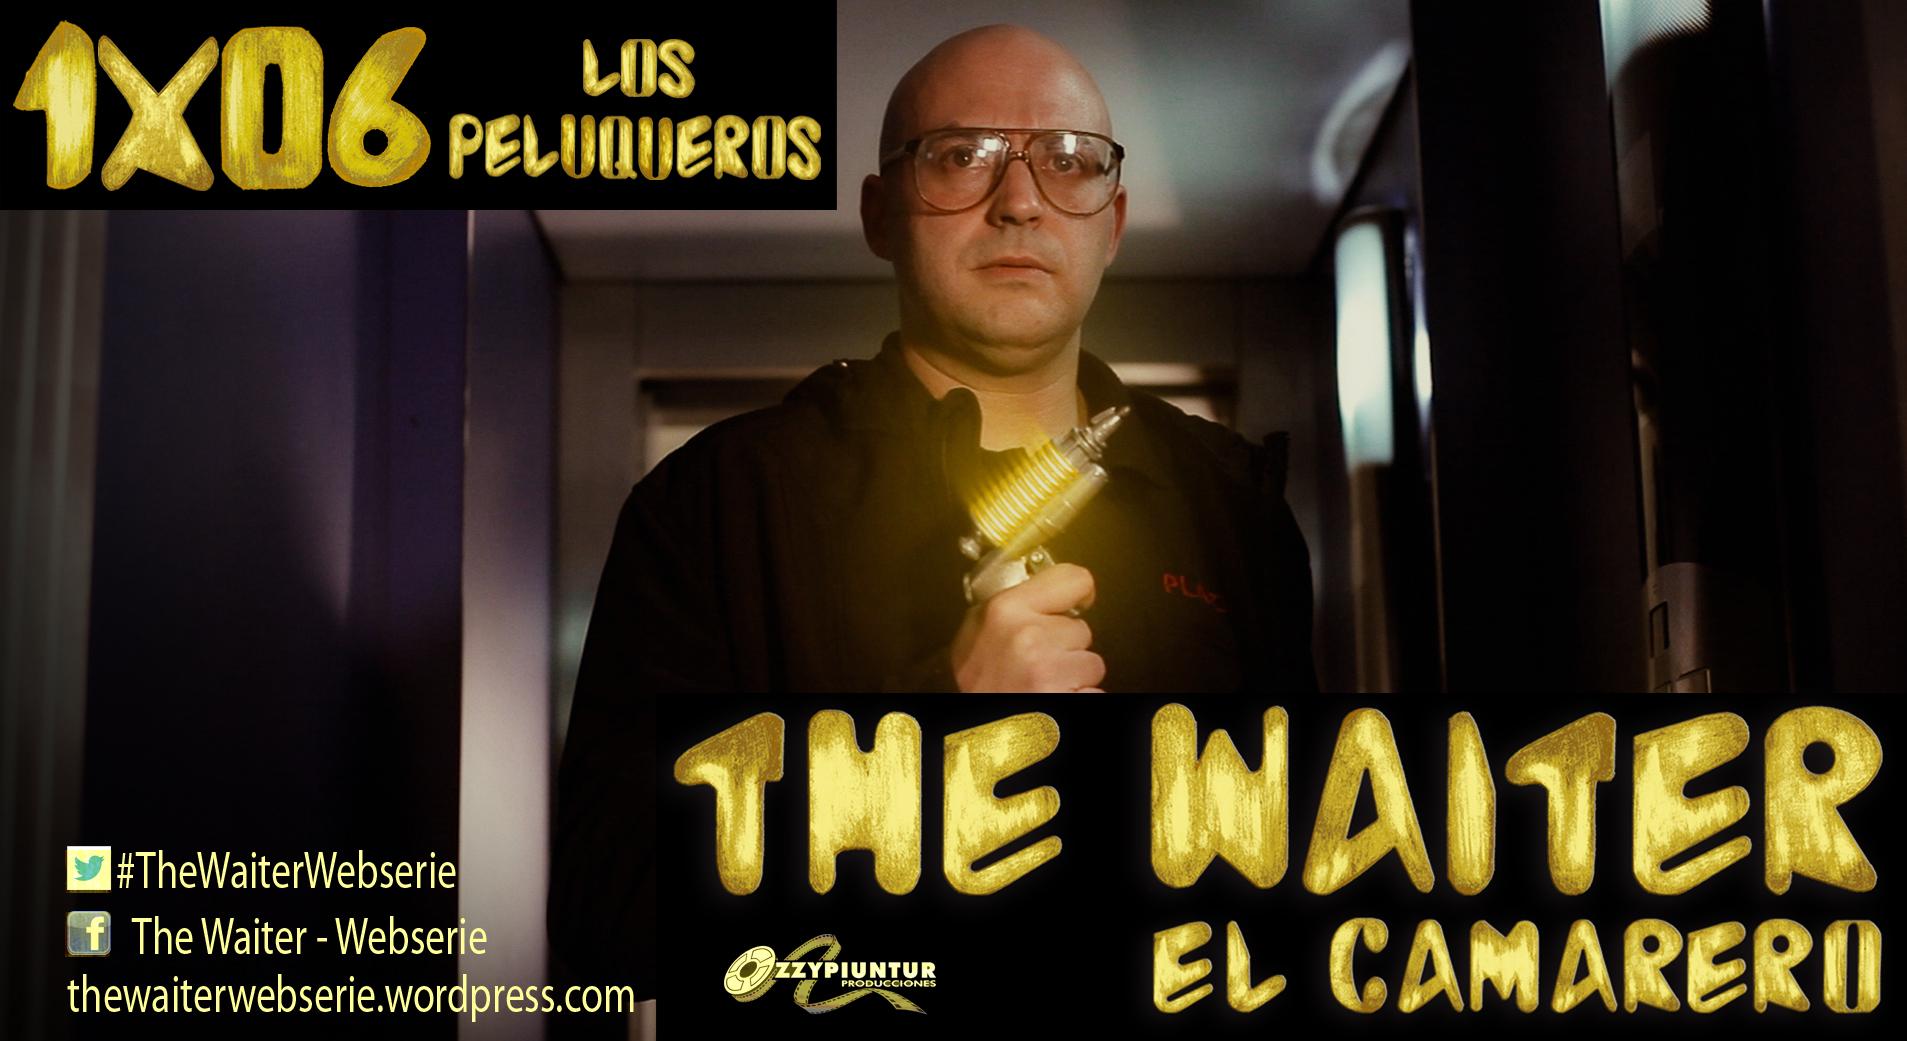 ESTRENO: THE WAITER CAPÍTULO 6 – LOS PELUQUEROS